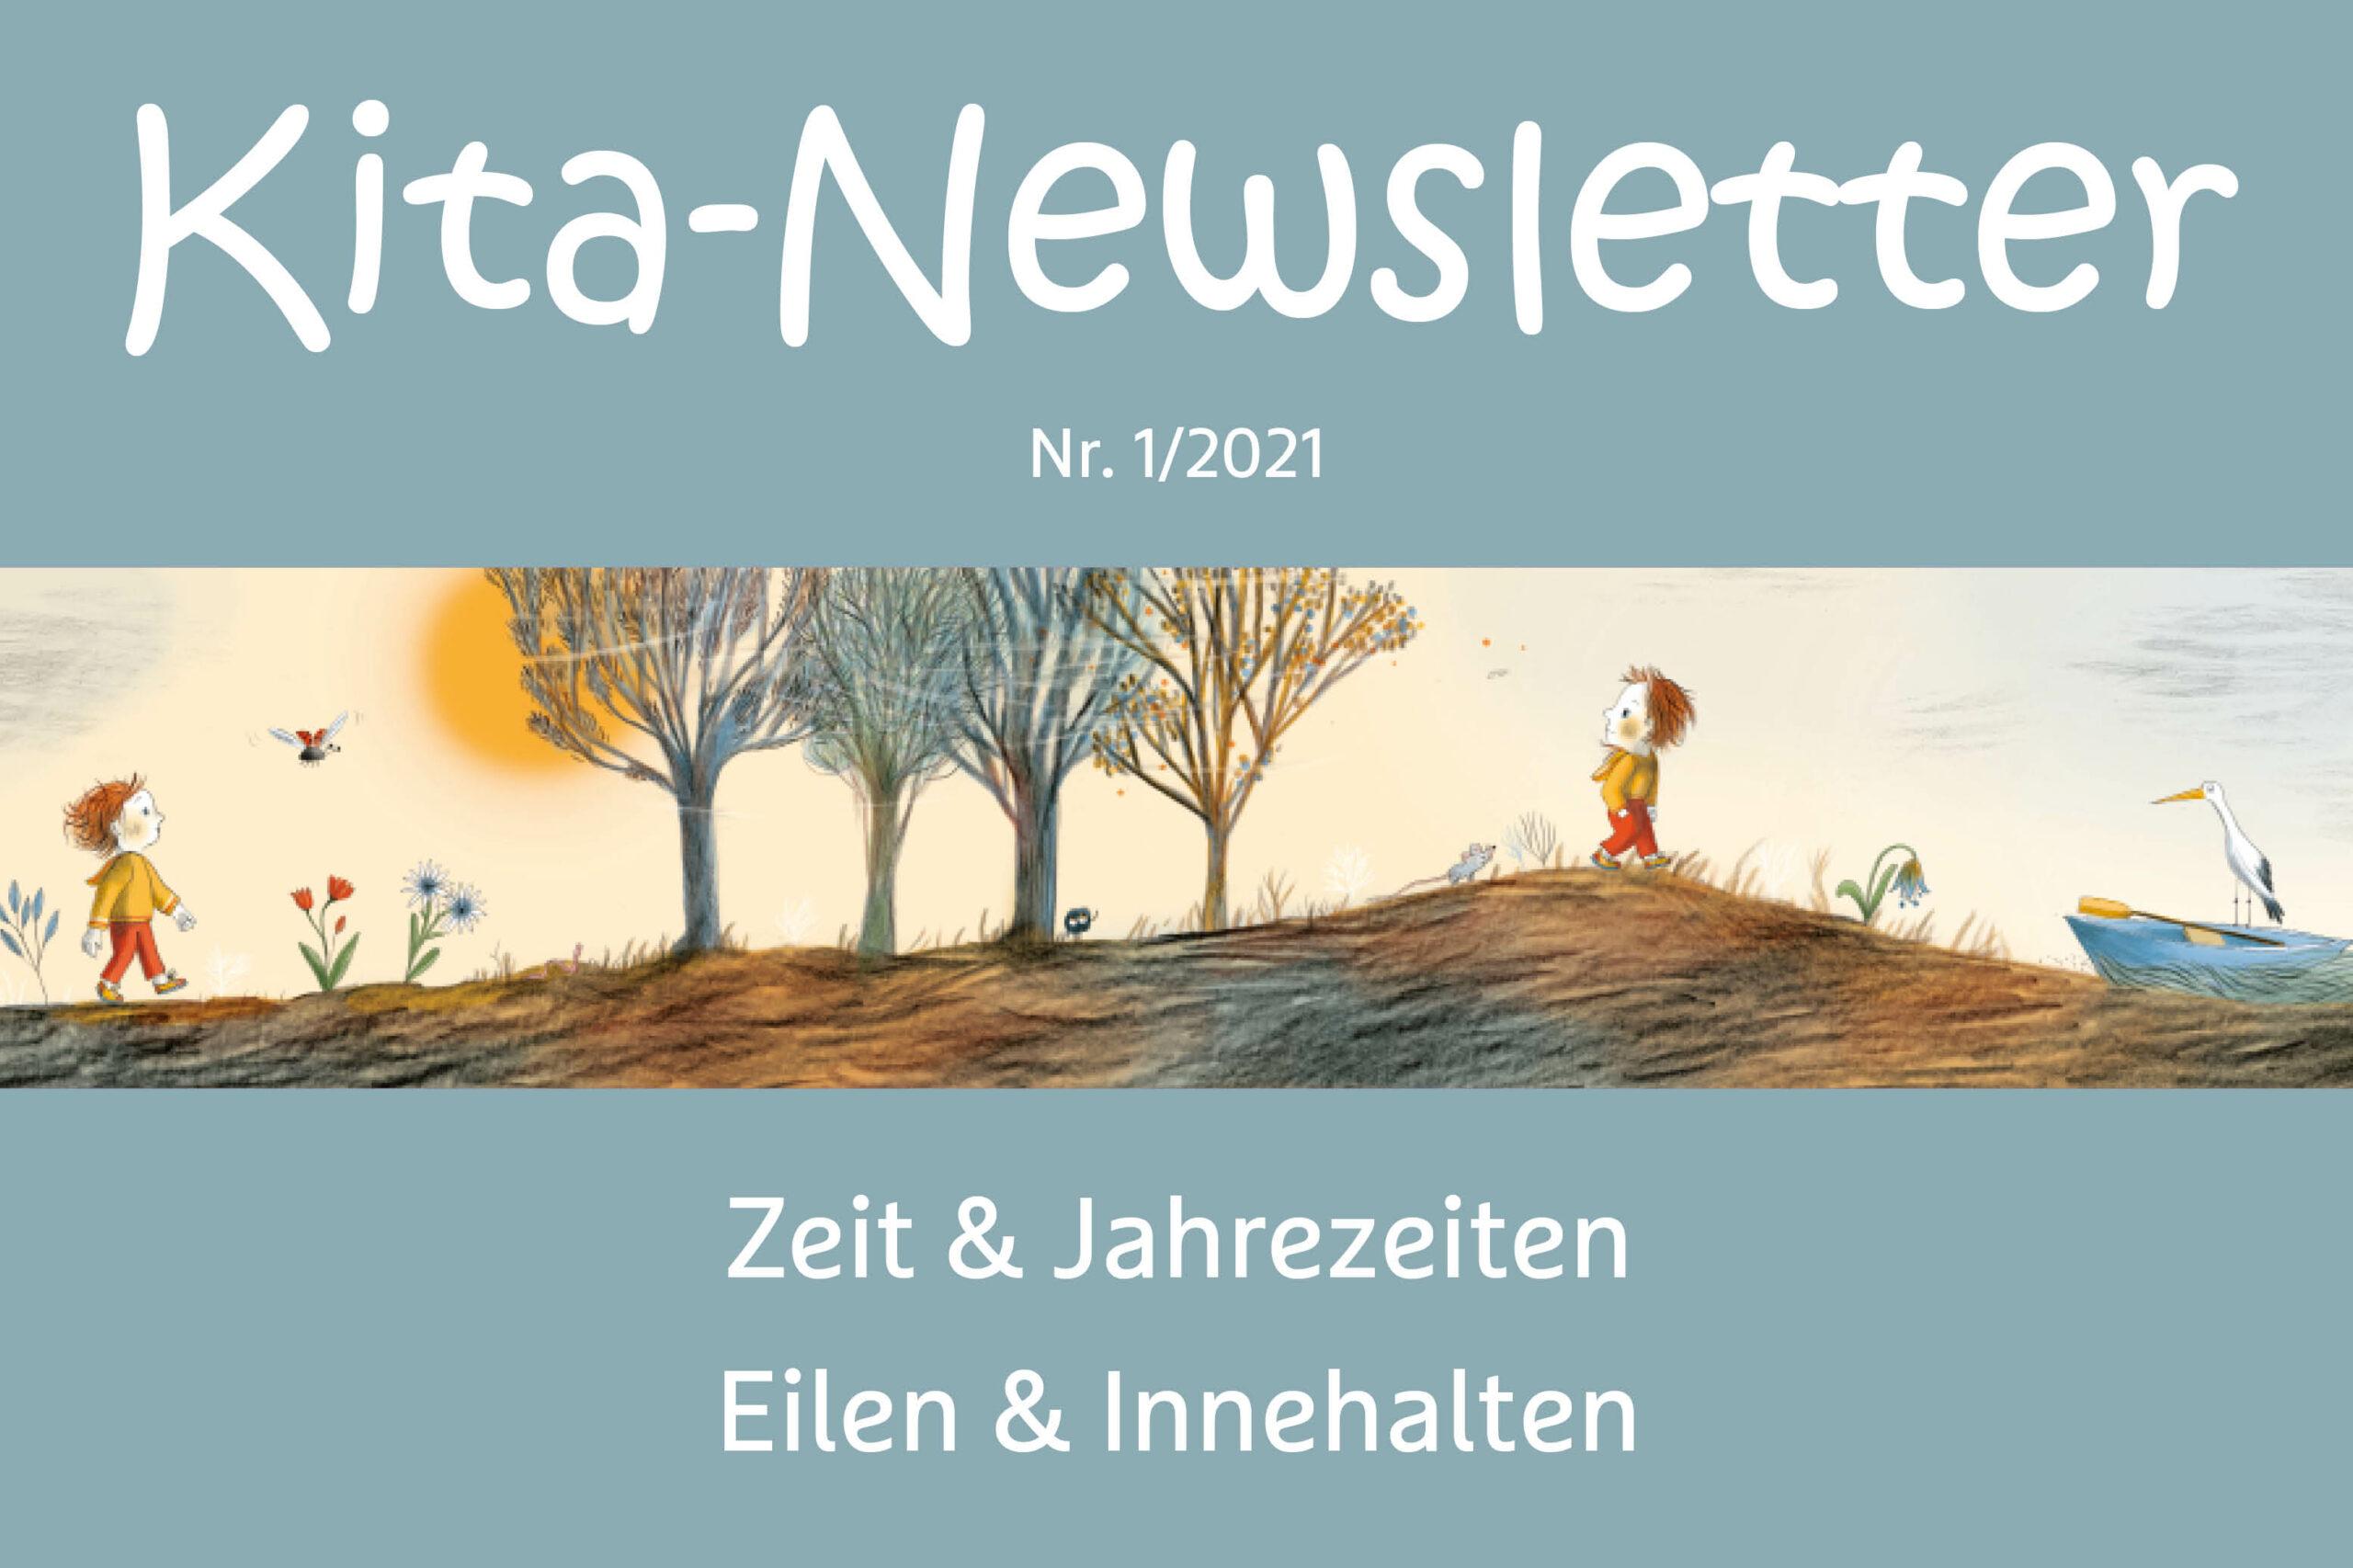 Kita-Newsletter Zeit und Jahreszeiten